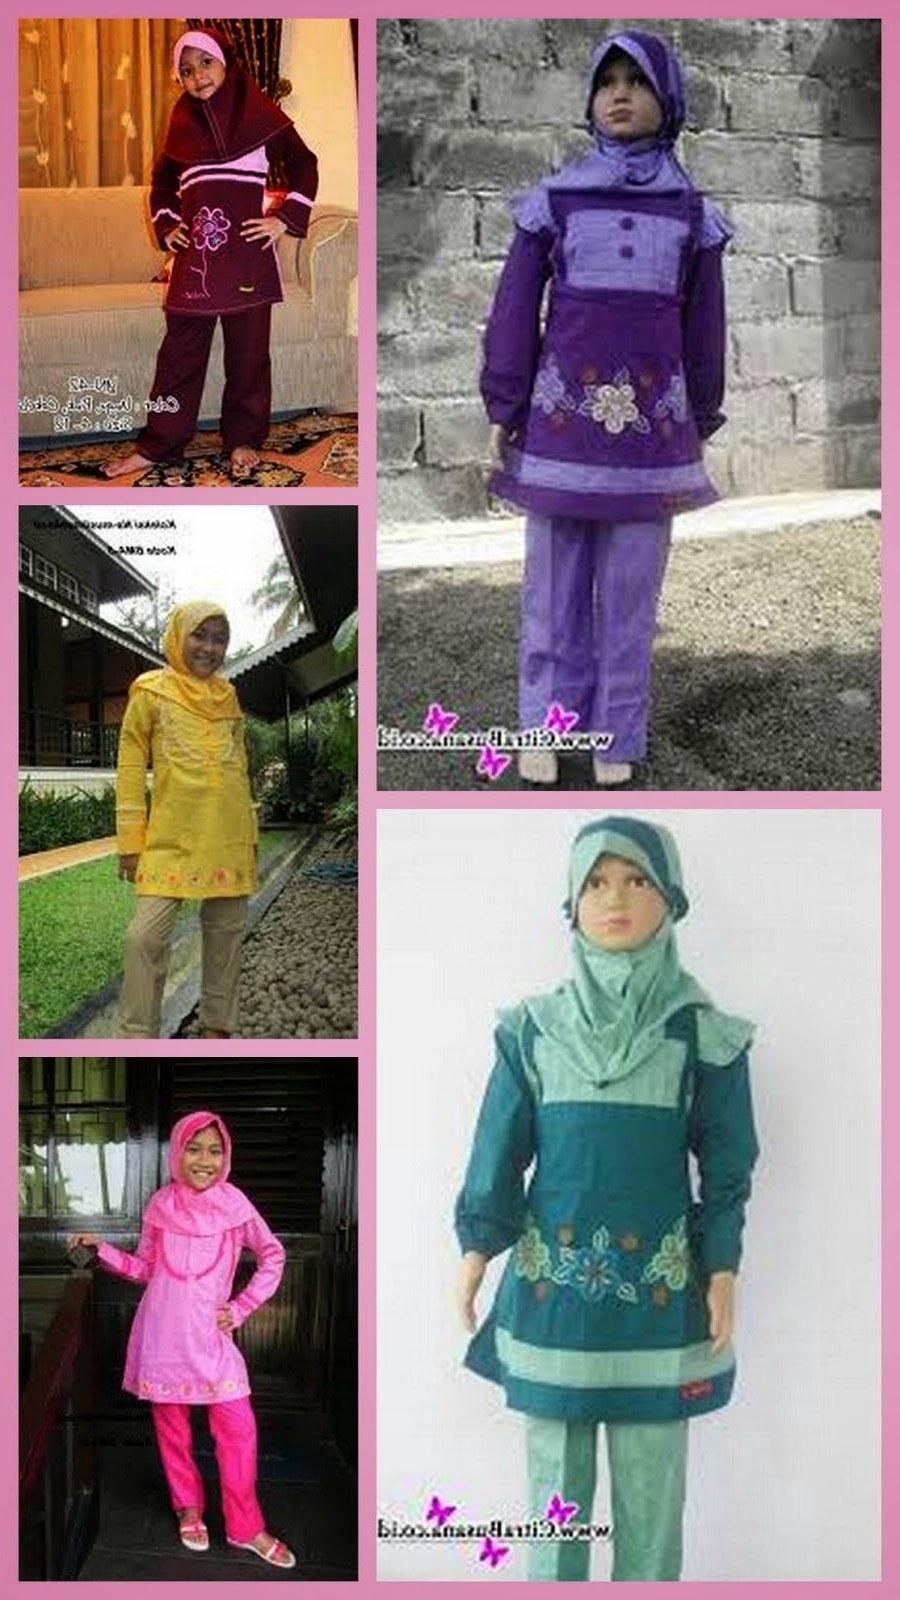 Bentuk Baju Lebaran Anak Perempuan Umur 13 Tahun T8dj Baju Muslim Anak Wanita Usia 13 Tahun Untuk Lebaran